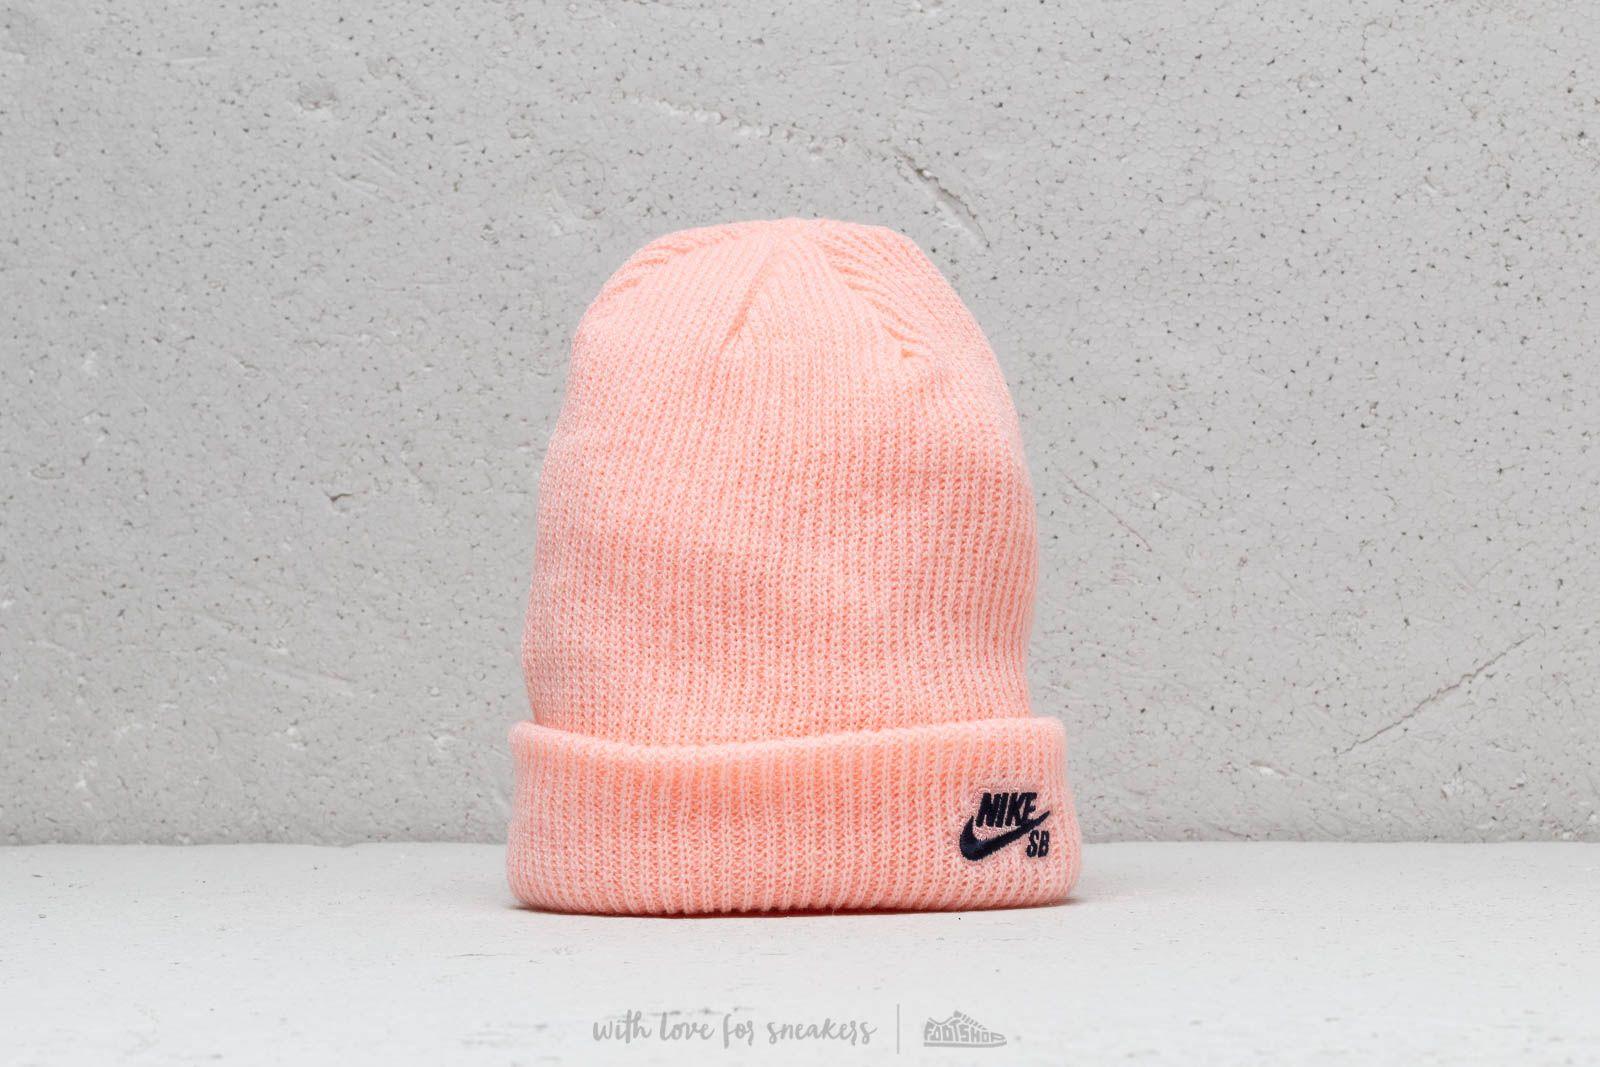 82139b767ed8f Nike SB Fisherman Hat Storm Pink  Obsidian